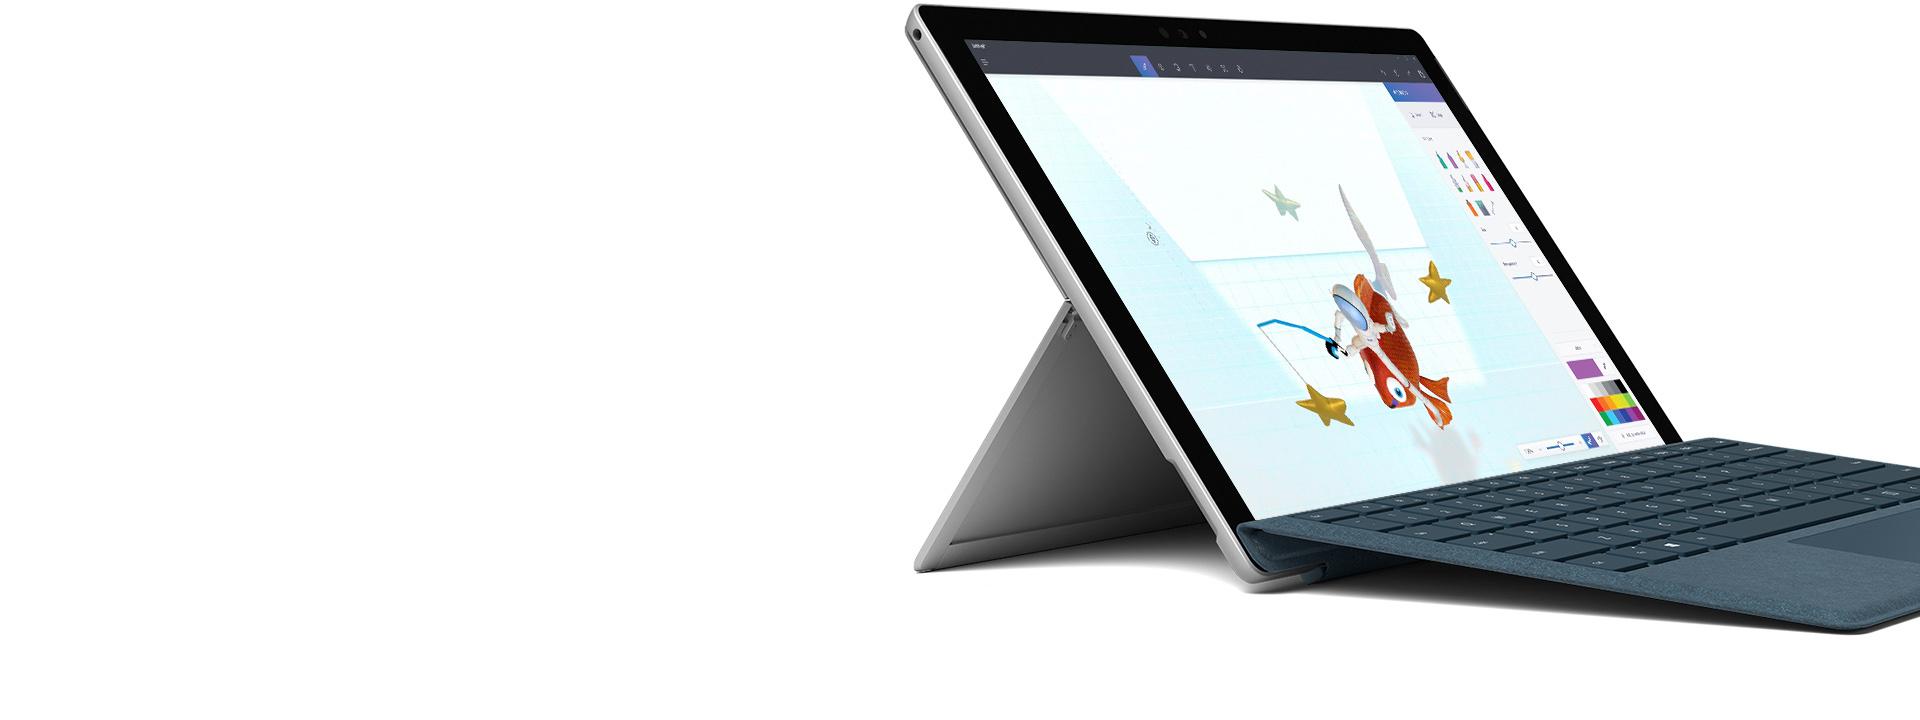 採用膝上型電腦模式的 Surface Pro 與手寫筆和實體鍵盤保護蓋。